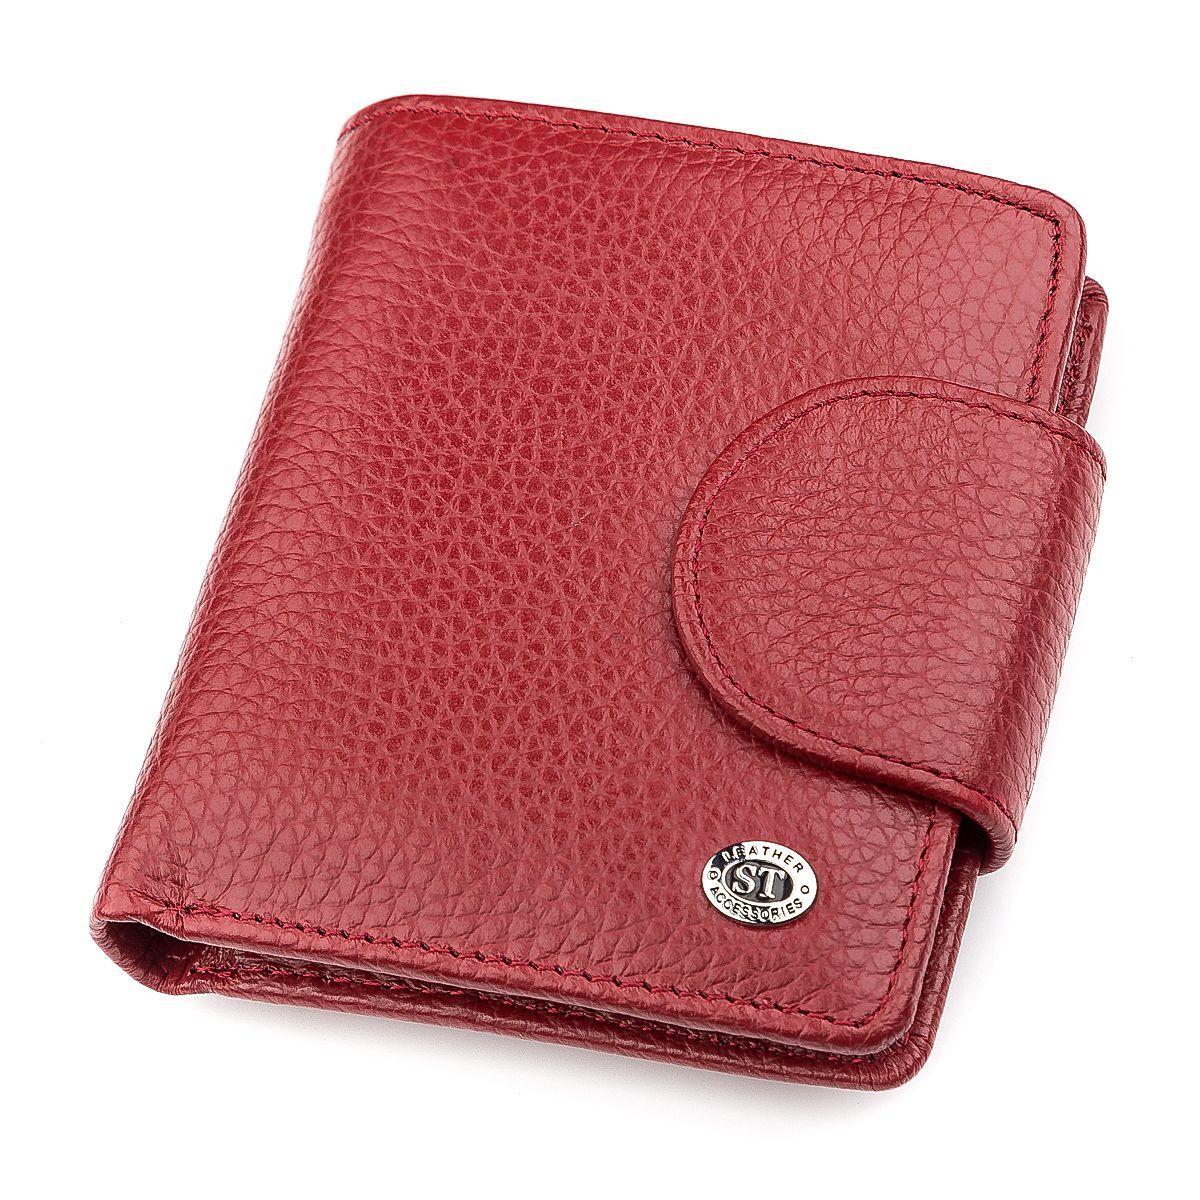 Кошелек женский ST Leather 18499 (ST415) небольшой Красный, Красный